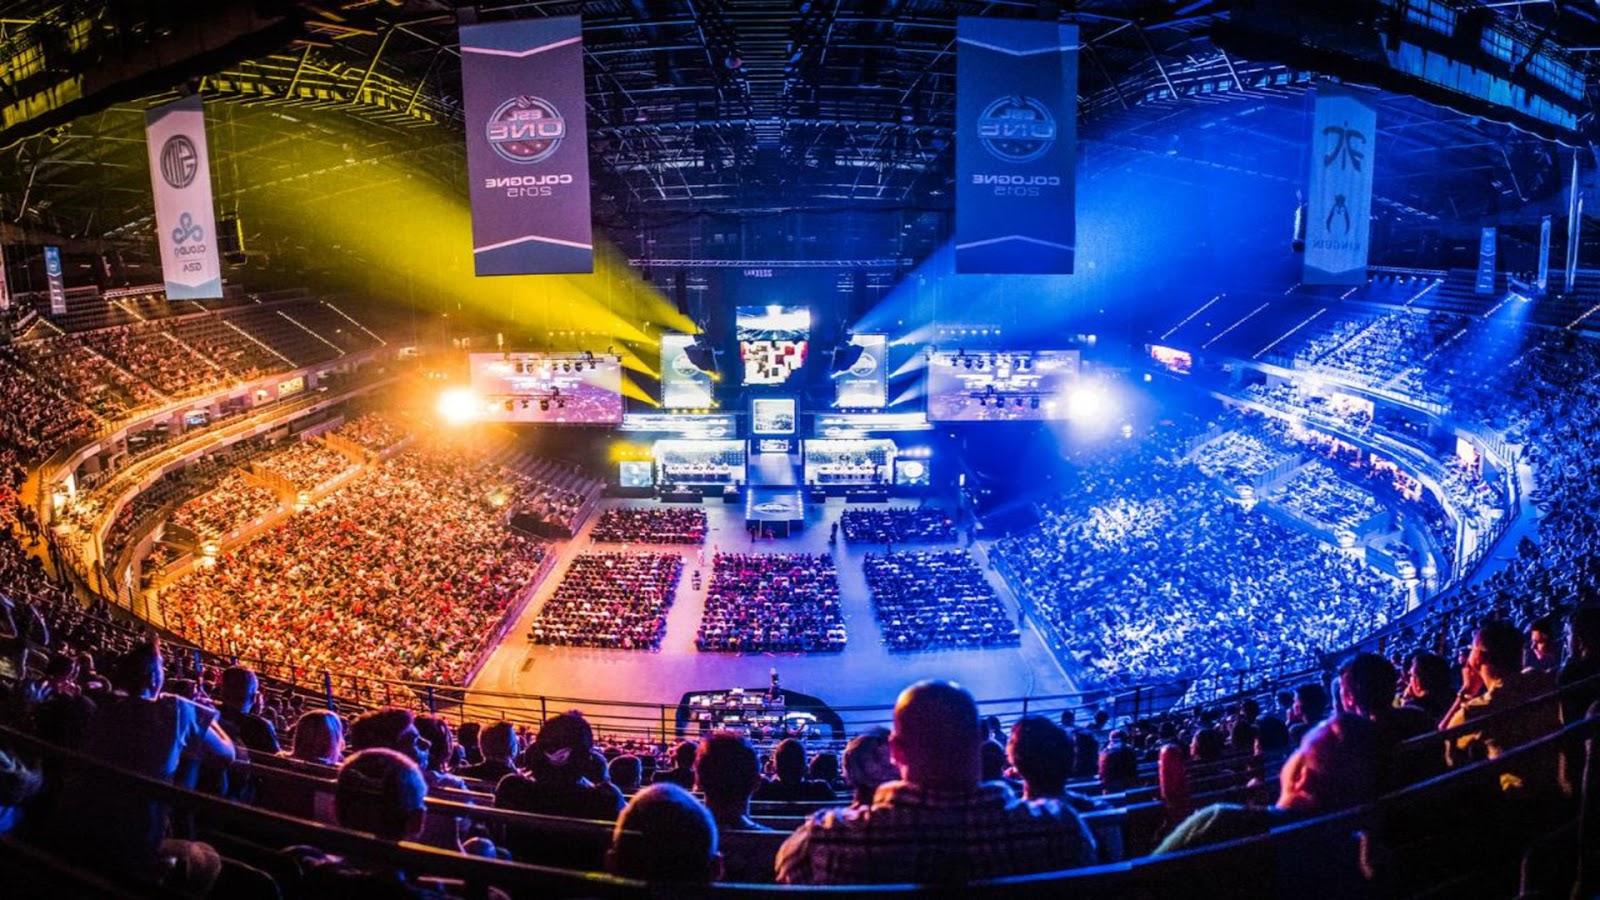 AZES Espor Arenaları Stadyumları